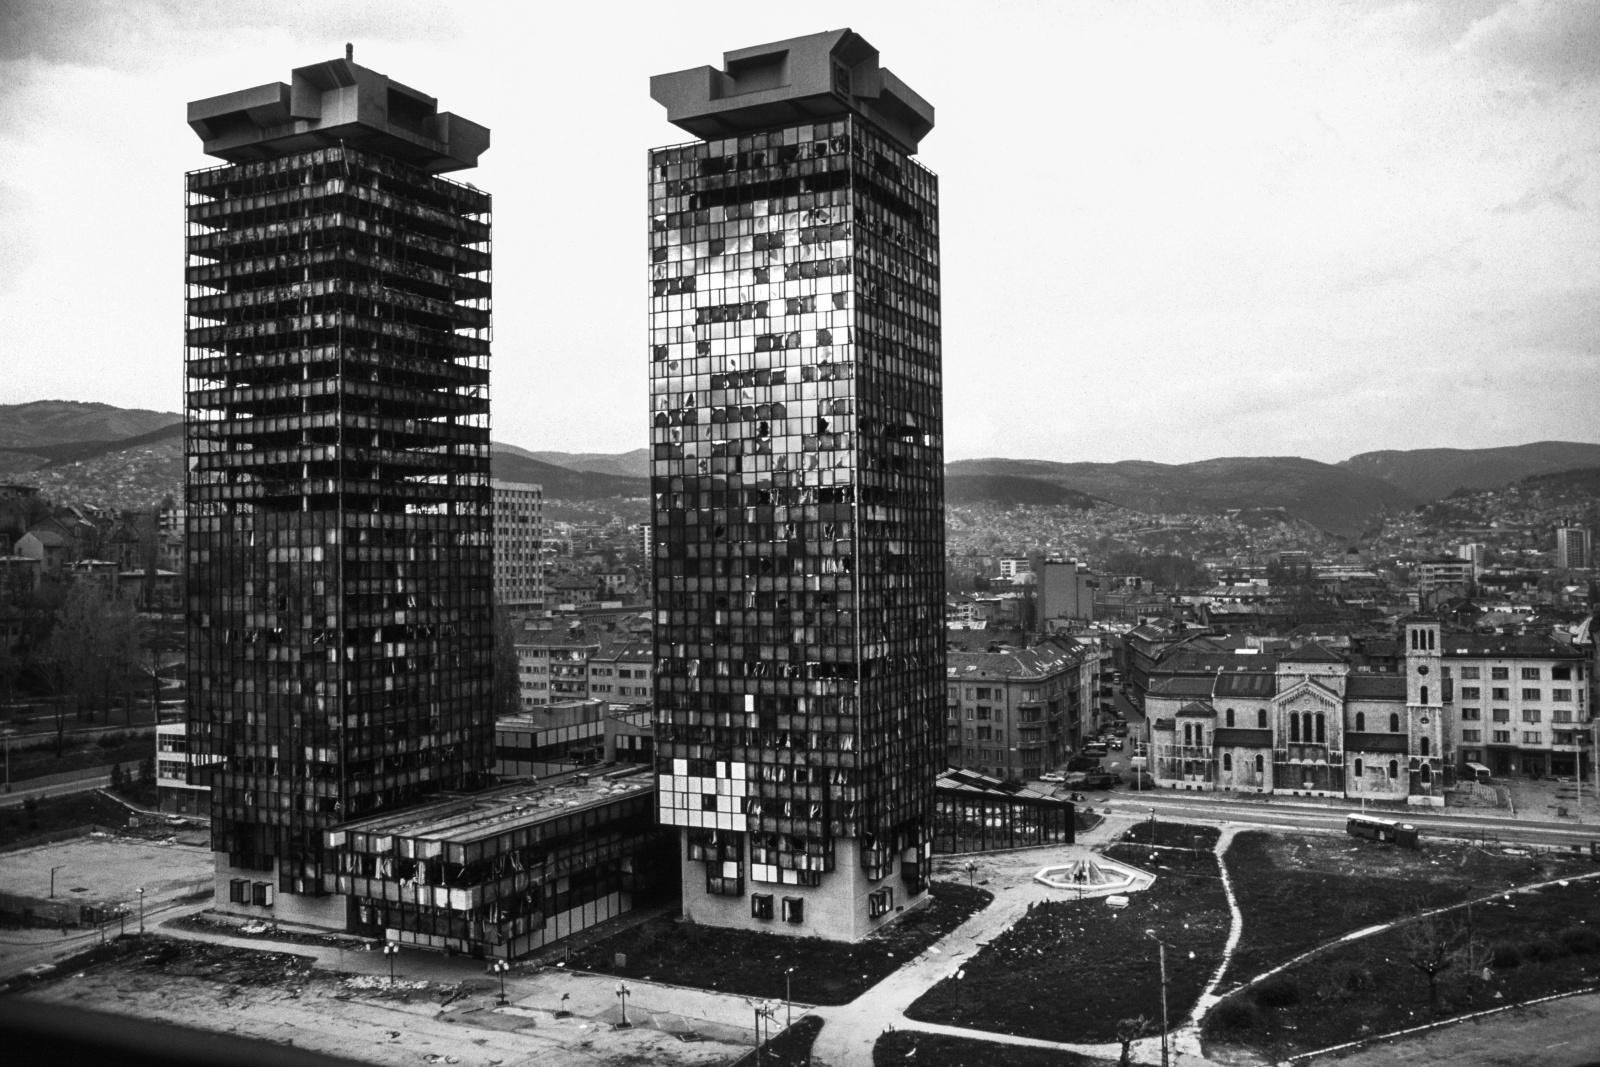 Sarajevo 1993 - La città assediata per 1272 giorni, tenuta sotto costante bombardamento dall'esercito serbo che bombardava dalle colline sulla città.